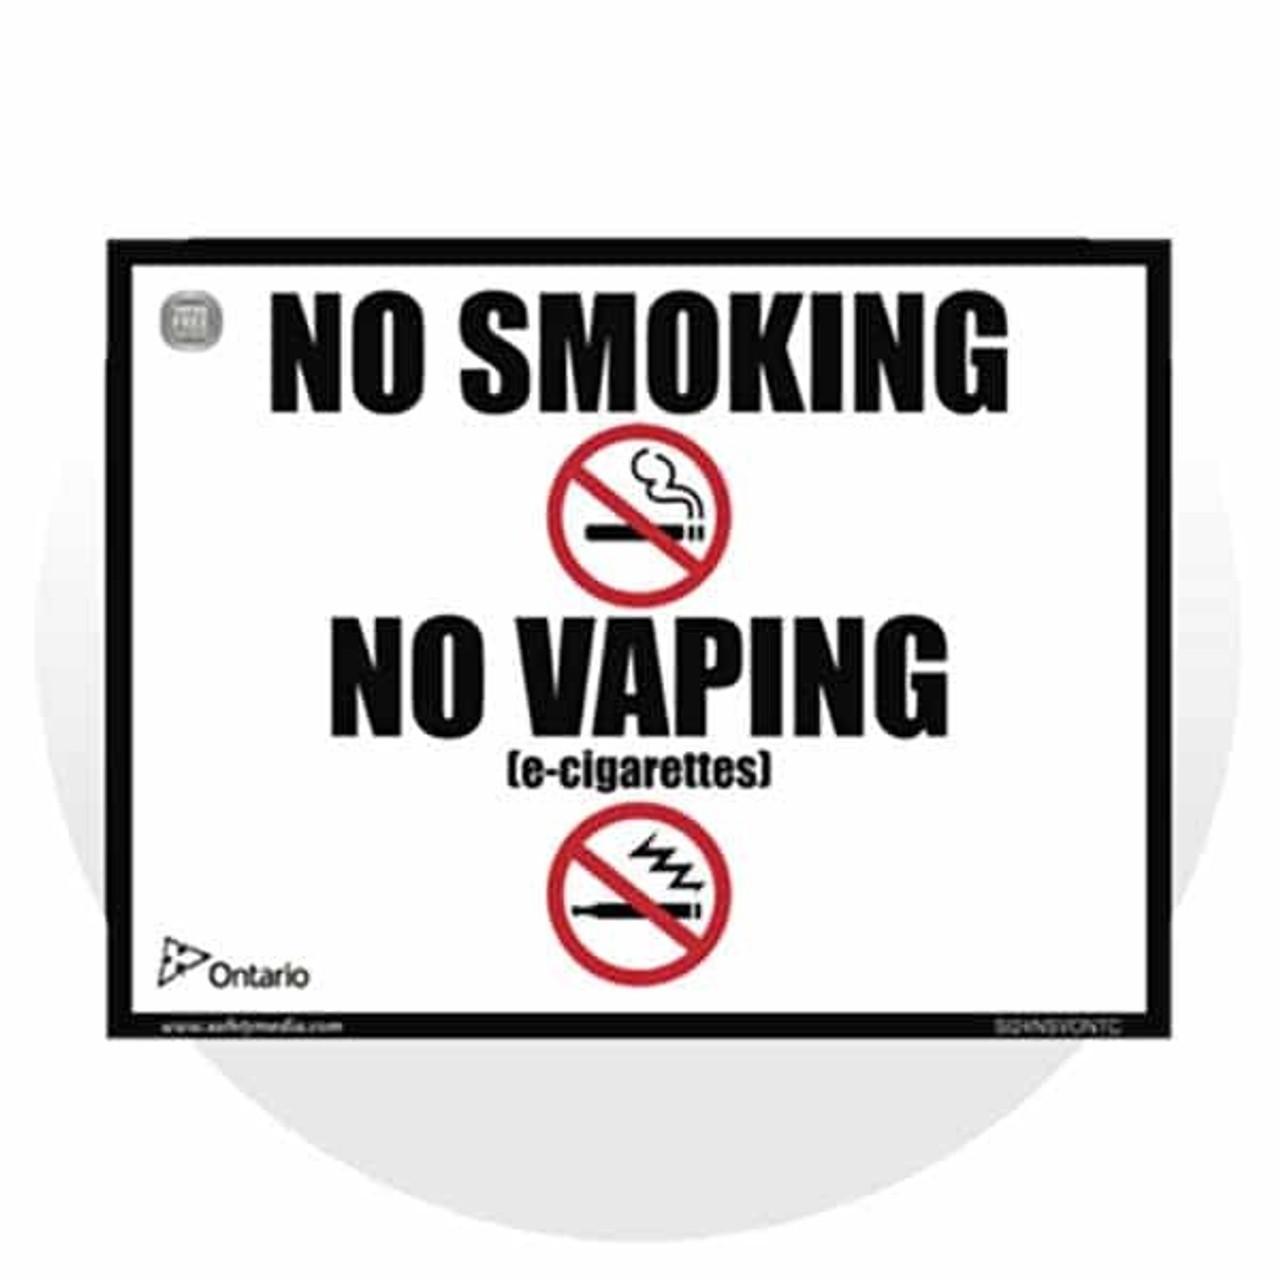 Smoke Free Ontario & No Smoking Toronto